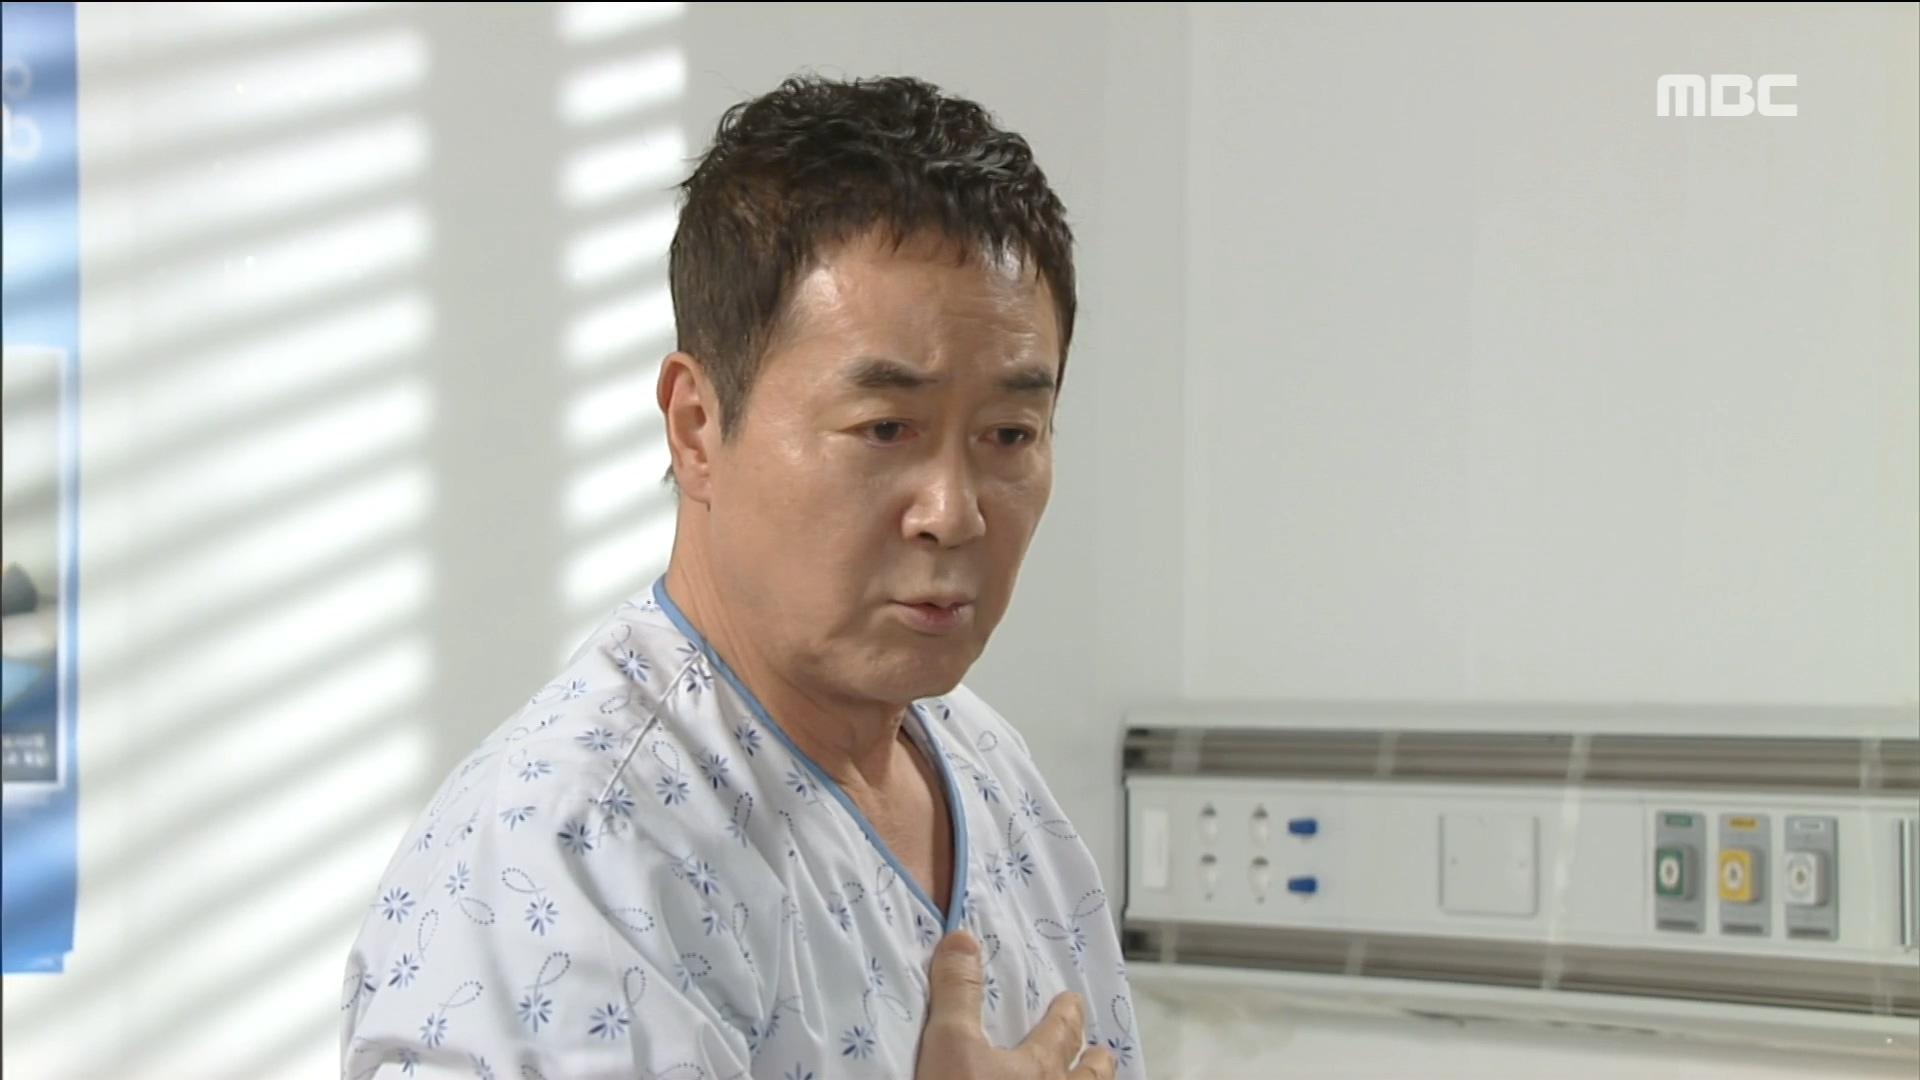 최종 부적합 판정받은 한진희, 기쁨의 환호?!